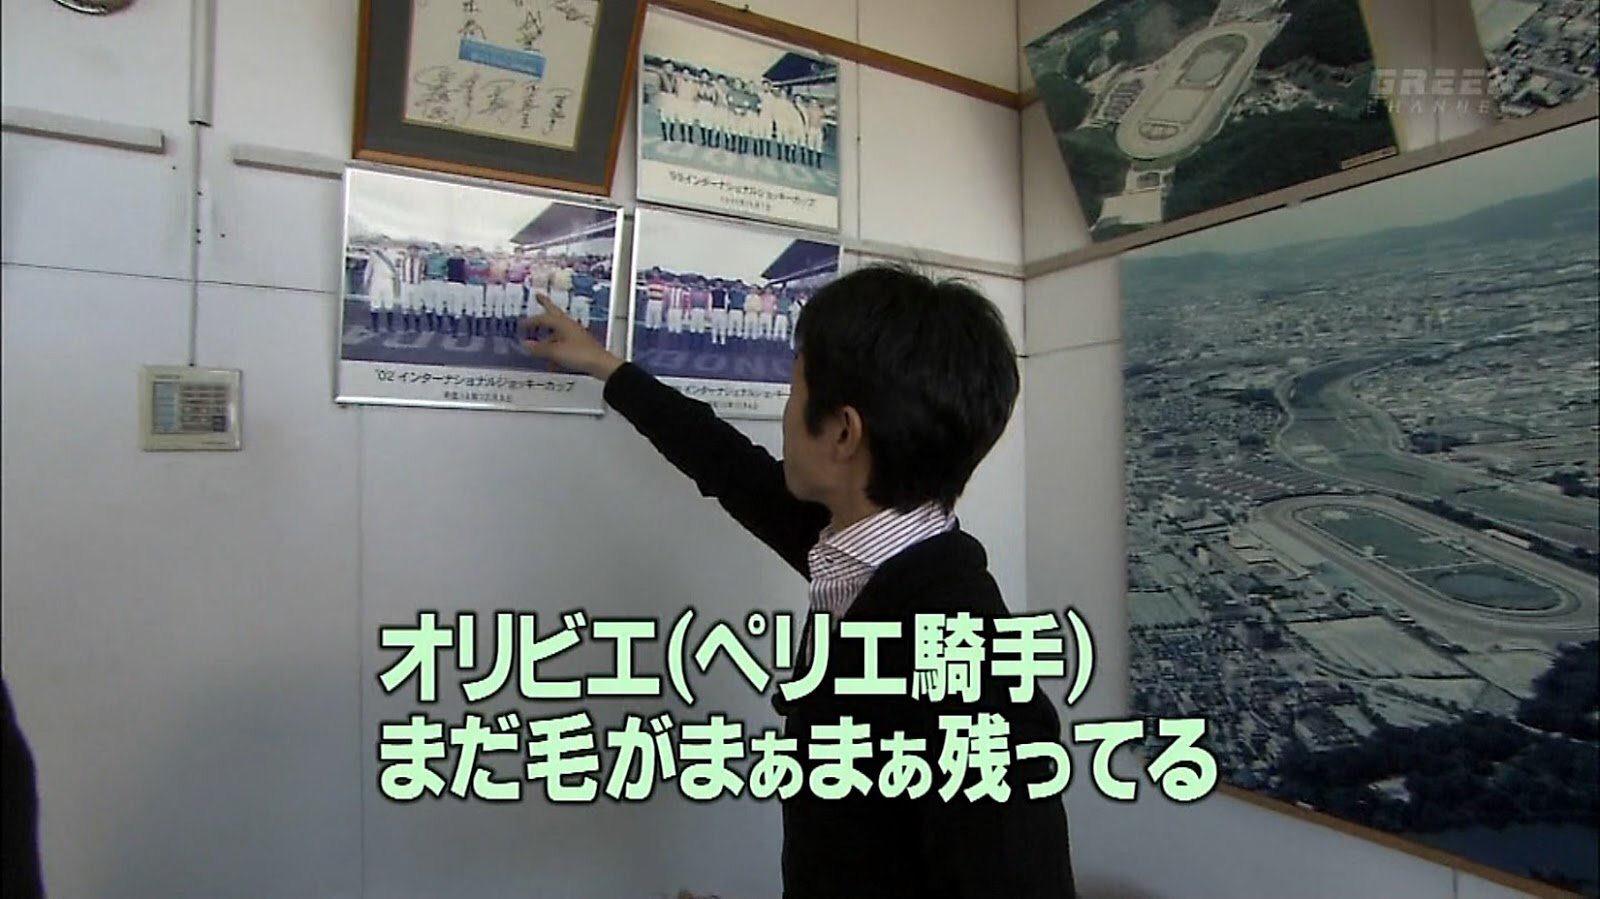 競馬】ペリエ「もし20年前に通年免許試験があったら日本語勉強して絶対 ...